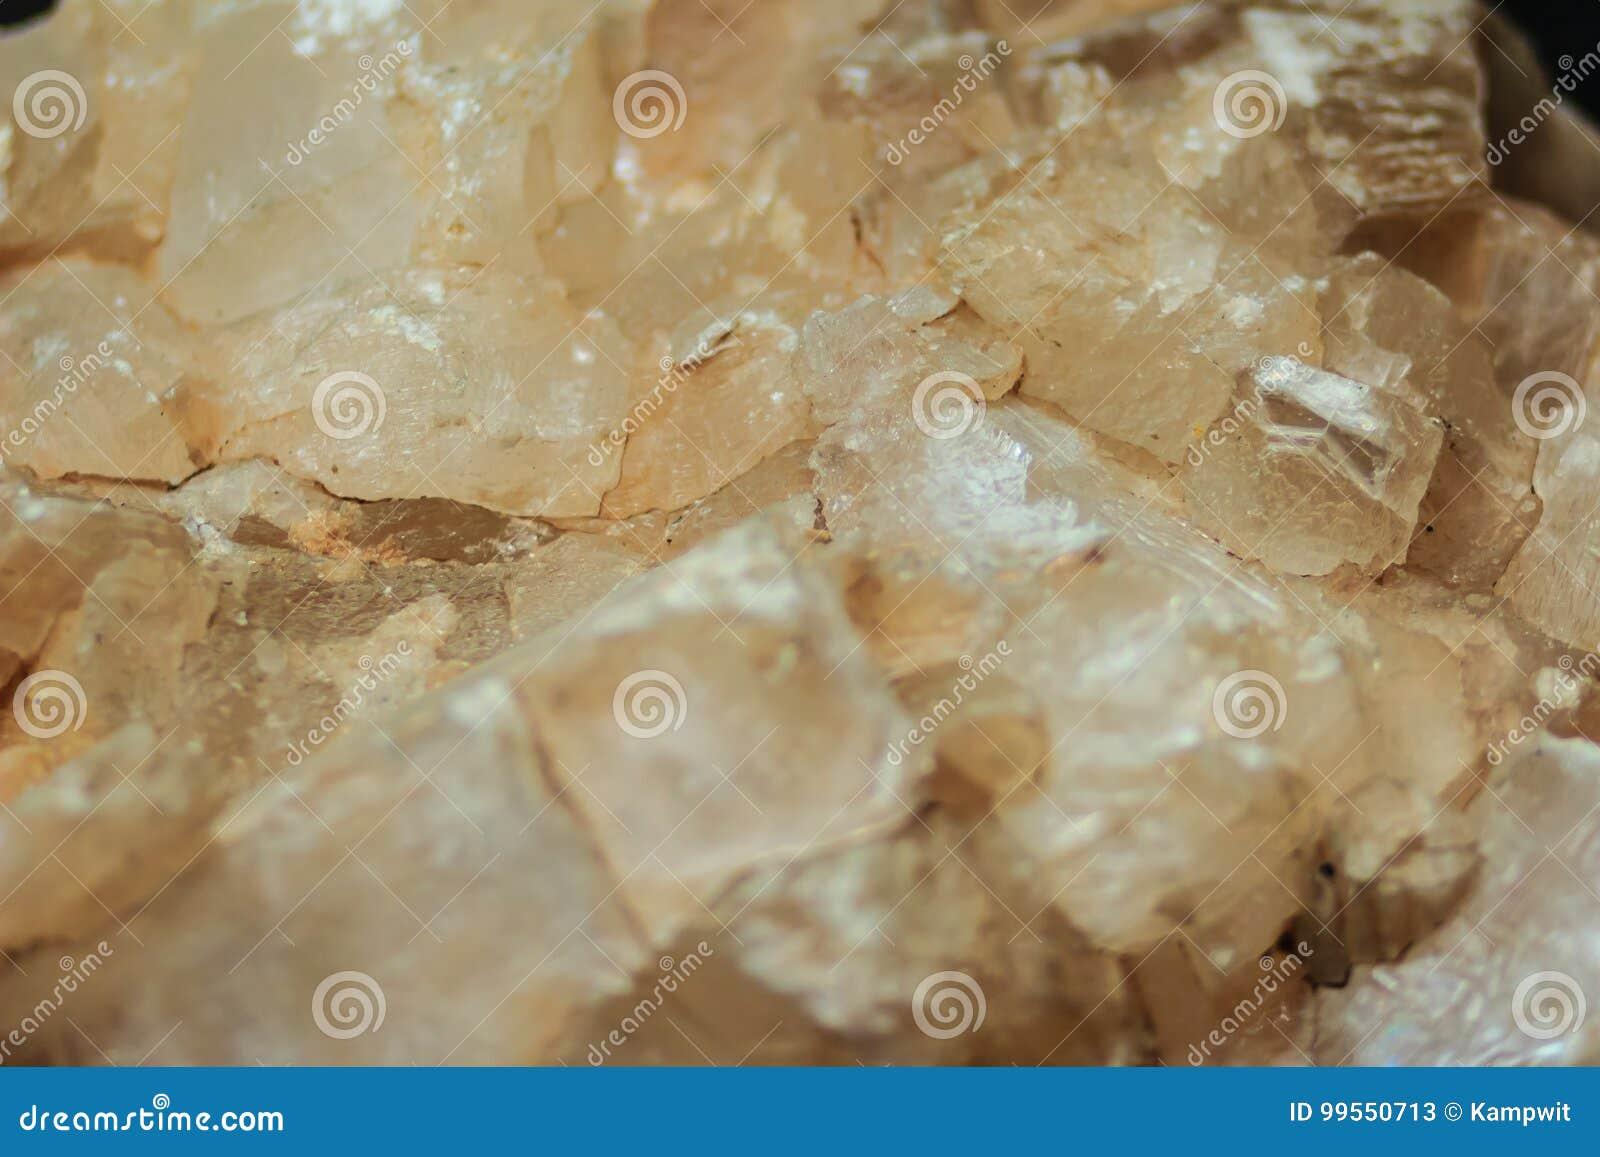 Gipsowy blaszkowaty przyzwyczajenie lub blaszkowaci kryształy gips kołysamy specim